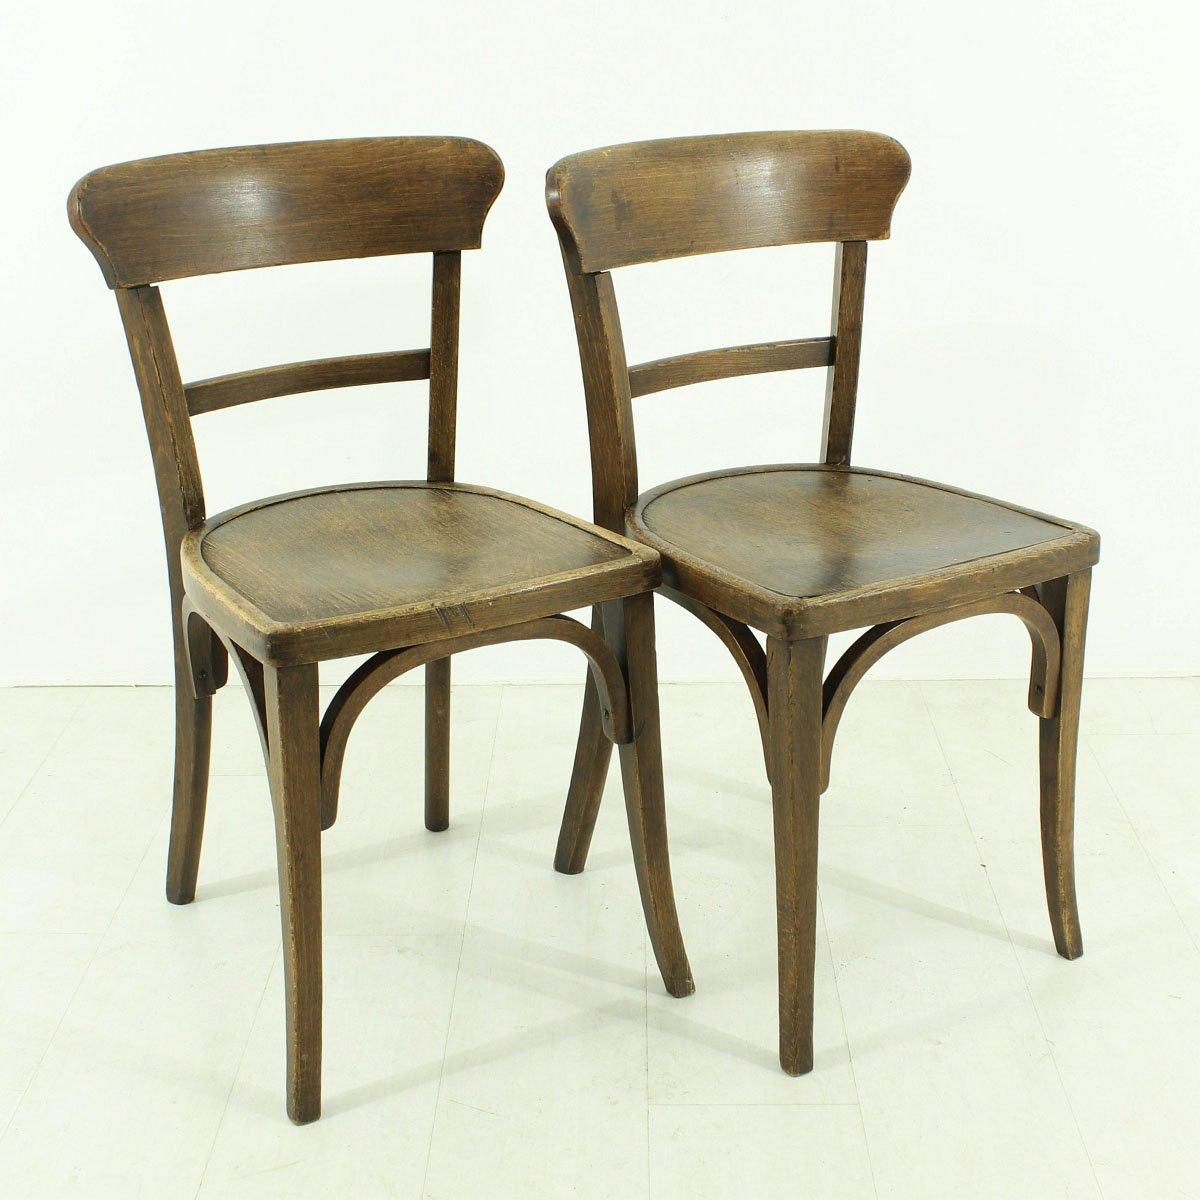 vintage esszimmerst hle 1930er 2er set bei pamono kaufen. Black Bedroom Furniture Sets. Home Design Ideas